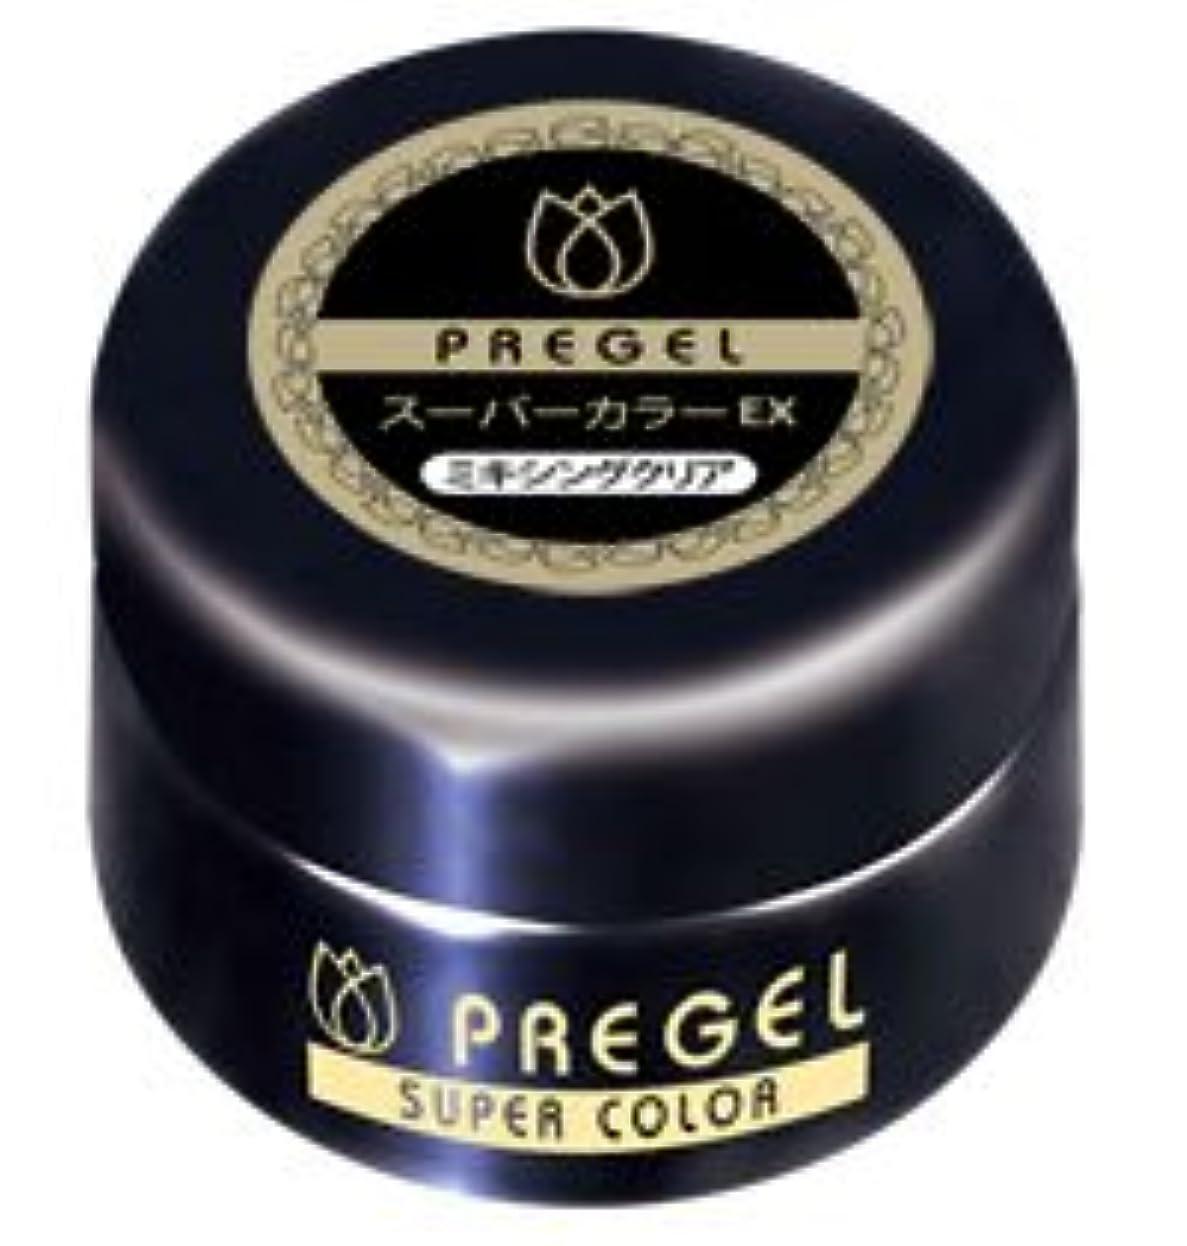 アッパースカイテロリストPREGEL(プリジェル) スーパーカラーEx PG-SE000 <BR>ミキシングクリア 4g